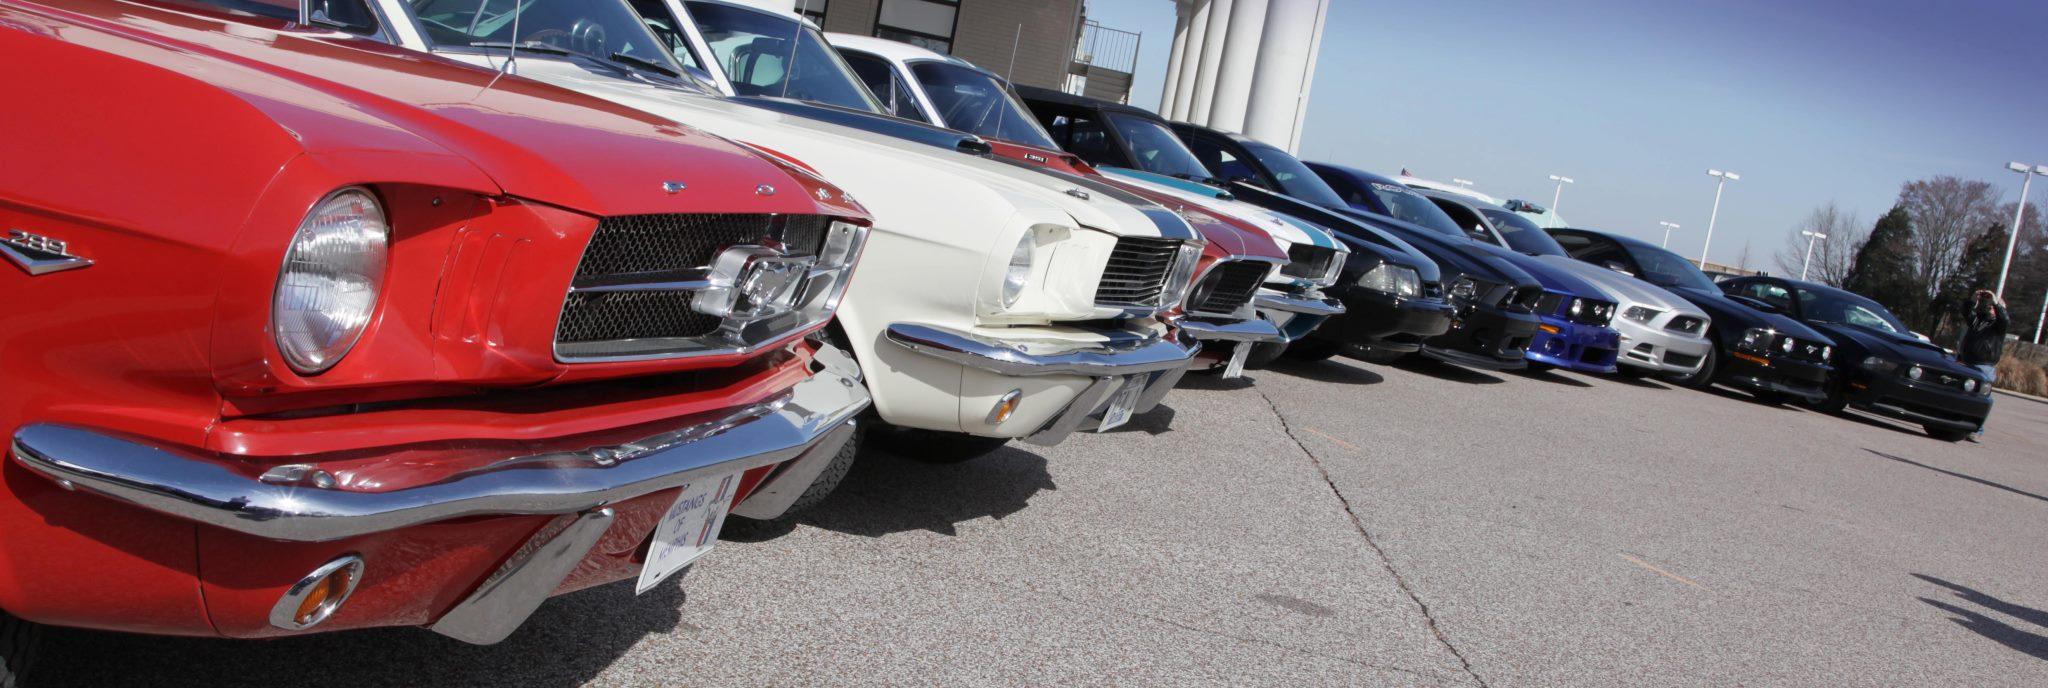 Mustangs Of Memphis - Mustangs of memphis car show